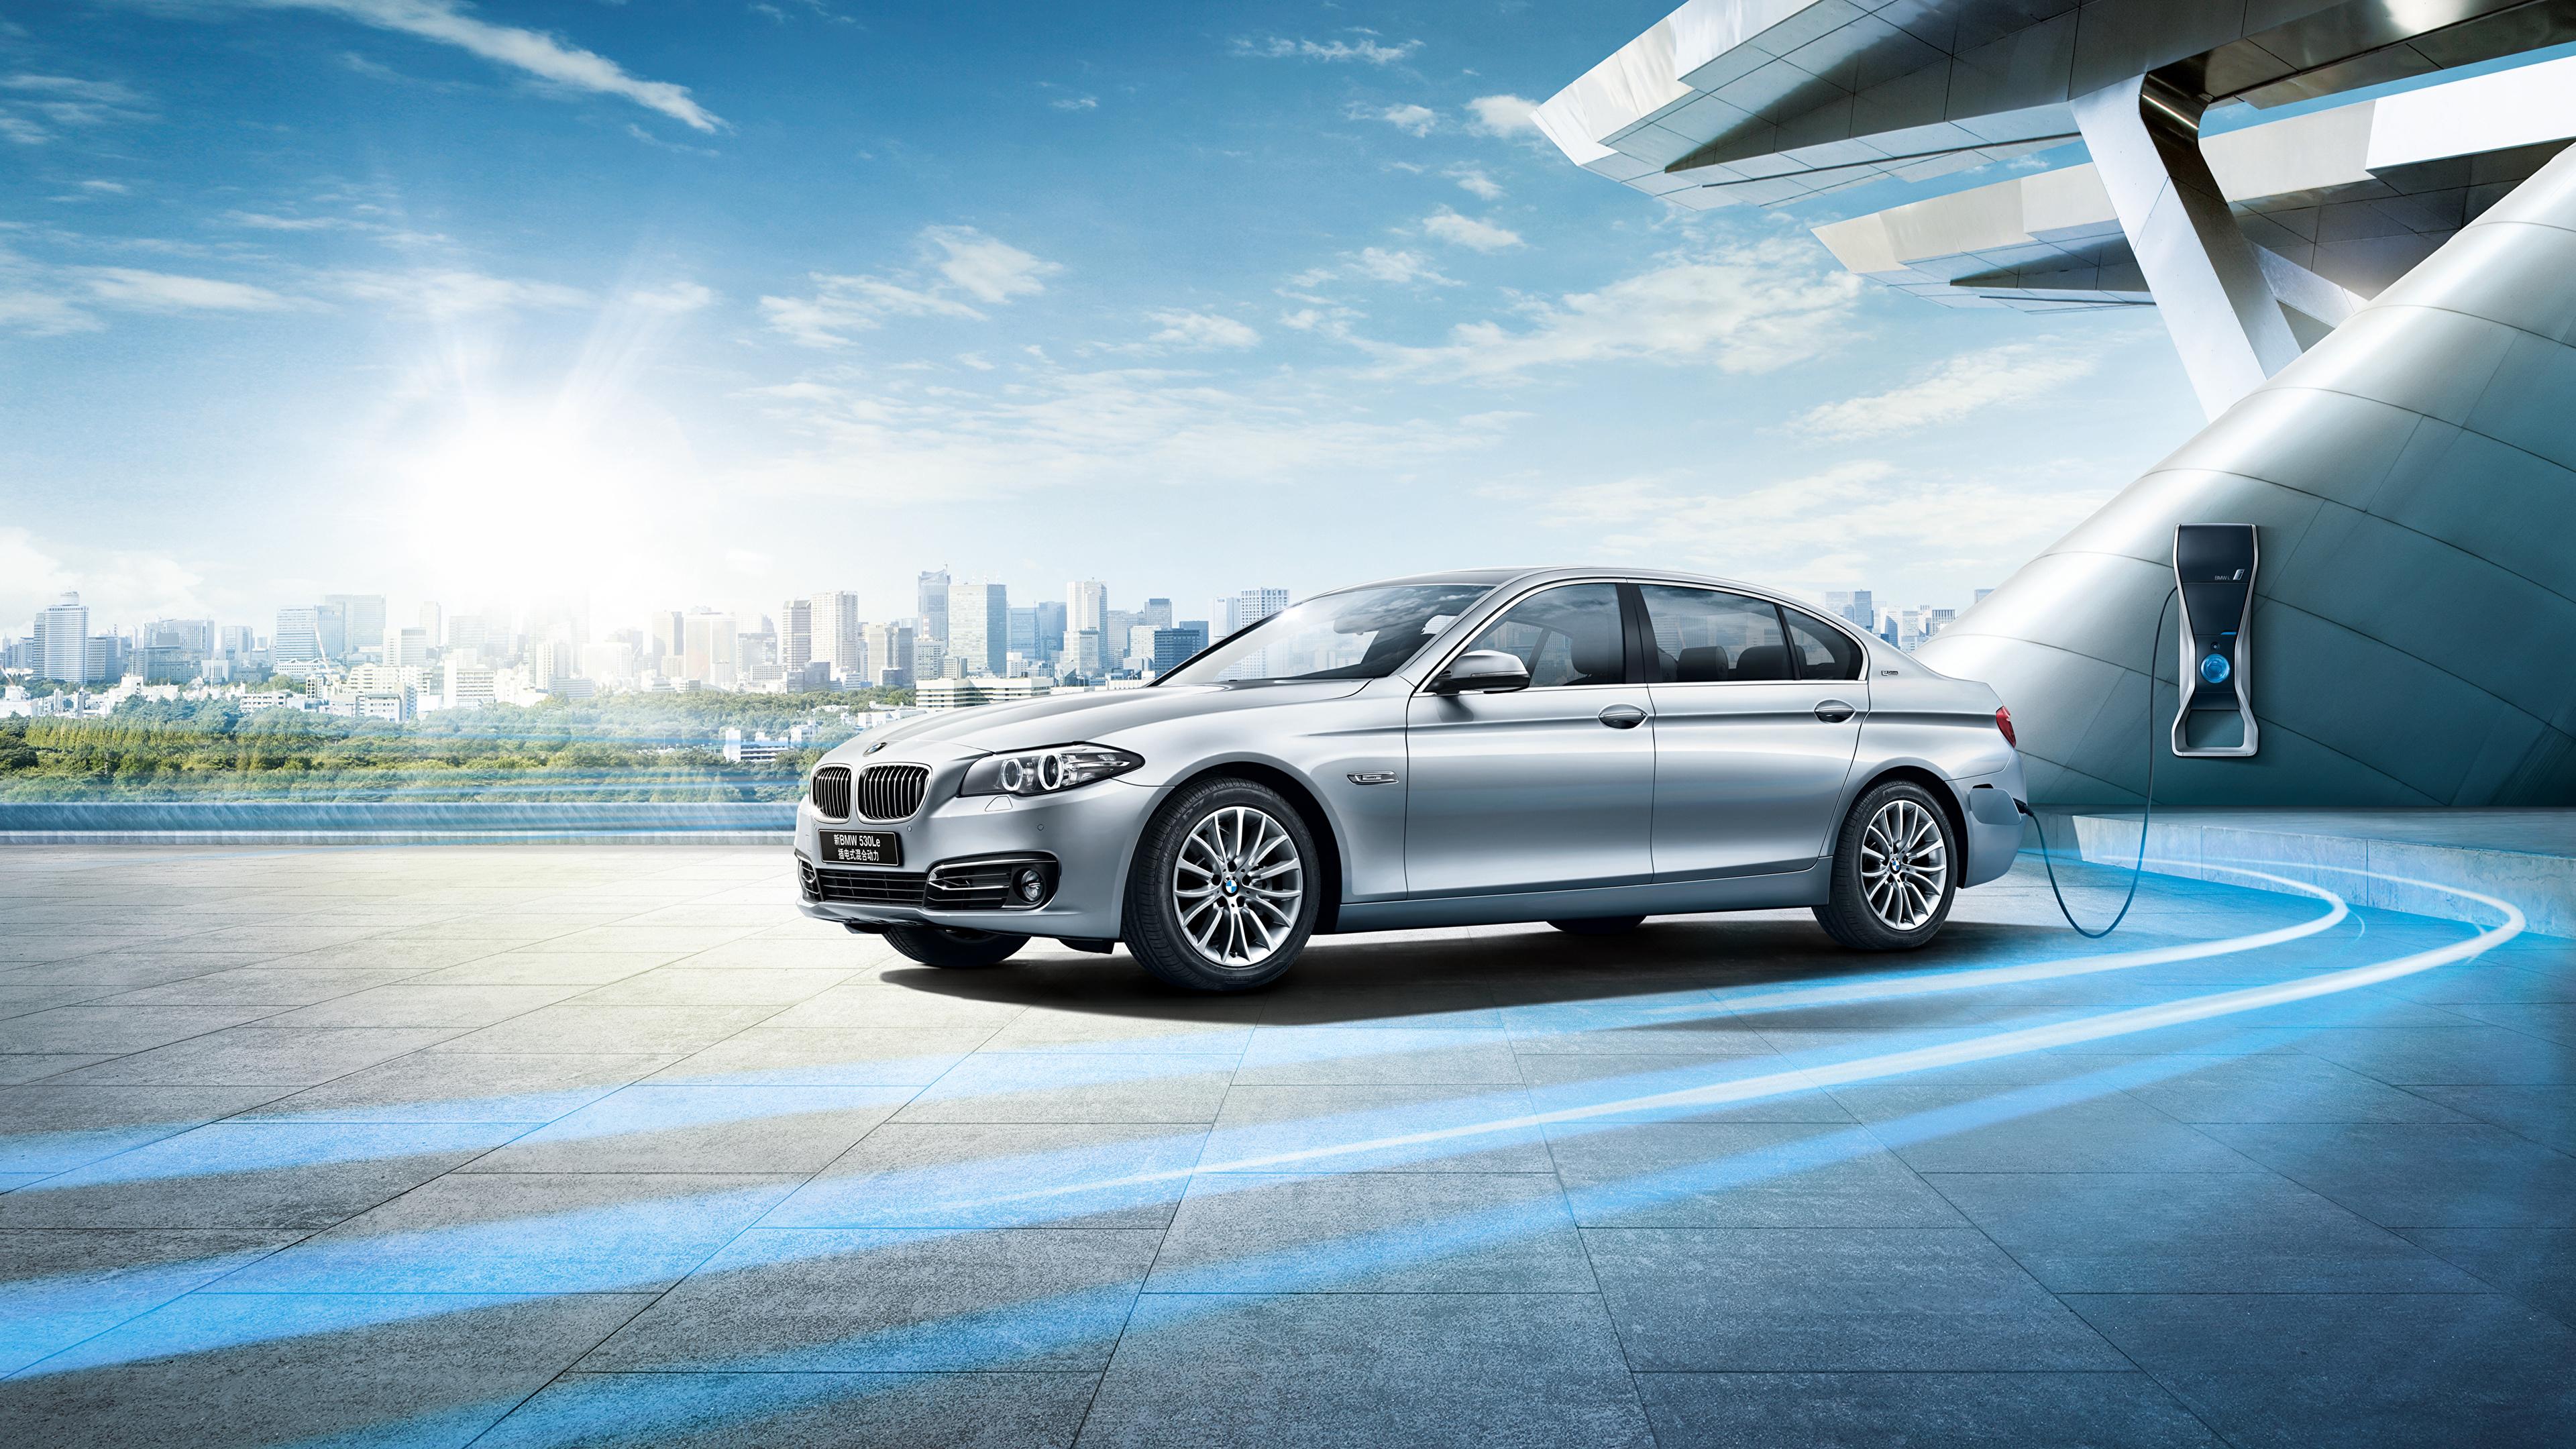 Картинки BMW F18 Седан Автомобили 3840x2160 БМВ авто машины машина автомобиль